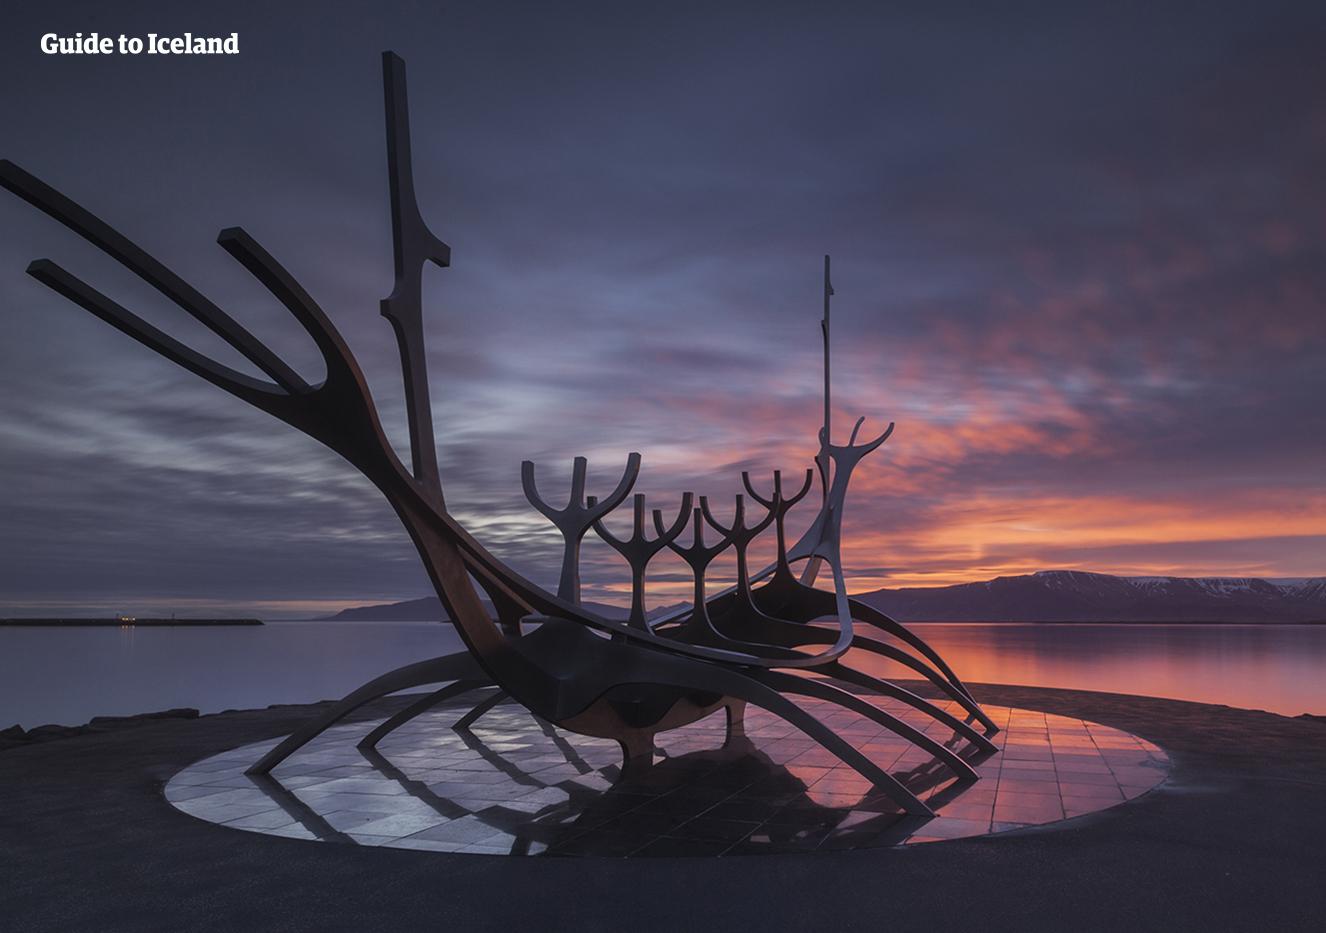 Reykjavik är en stad som är full av konst och skulpturer. Den mest kända är Sólfarið.